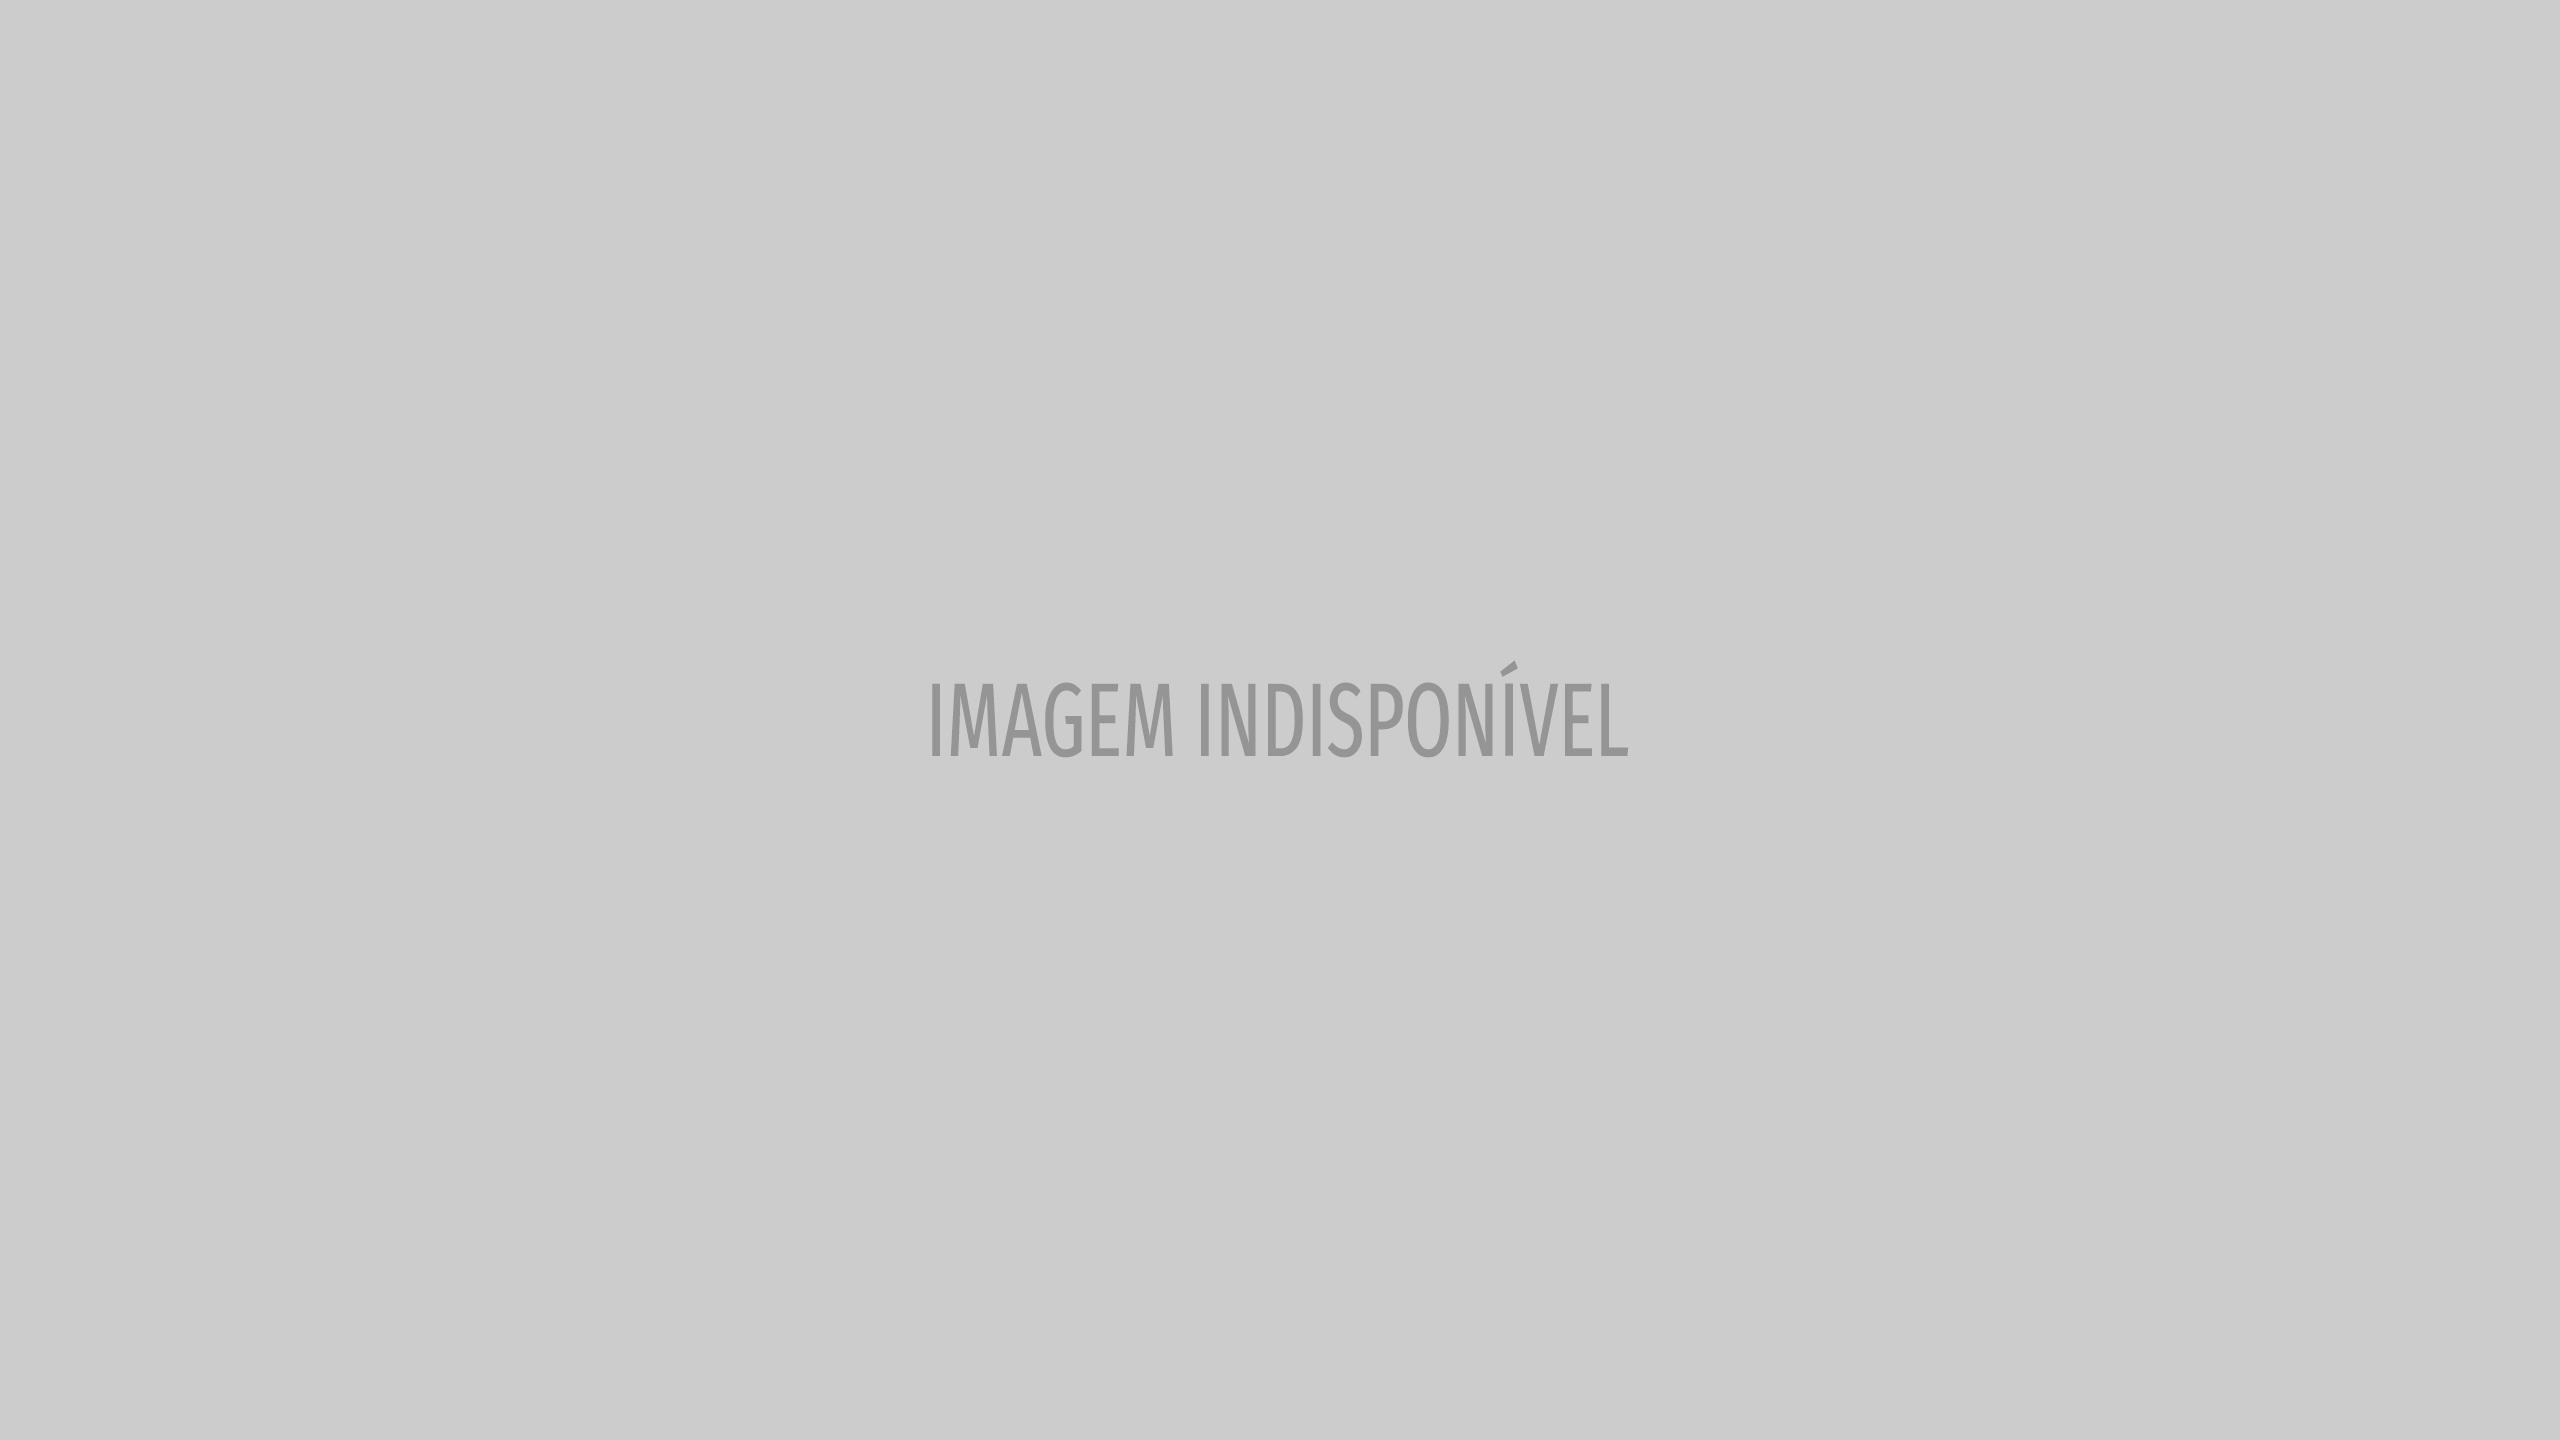 Romário dá festa de Ano Novo e dança funk até o chão; imagens